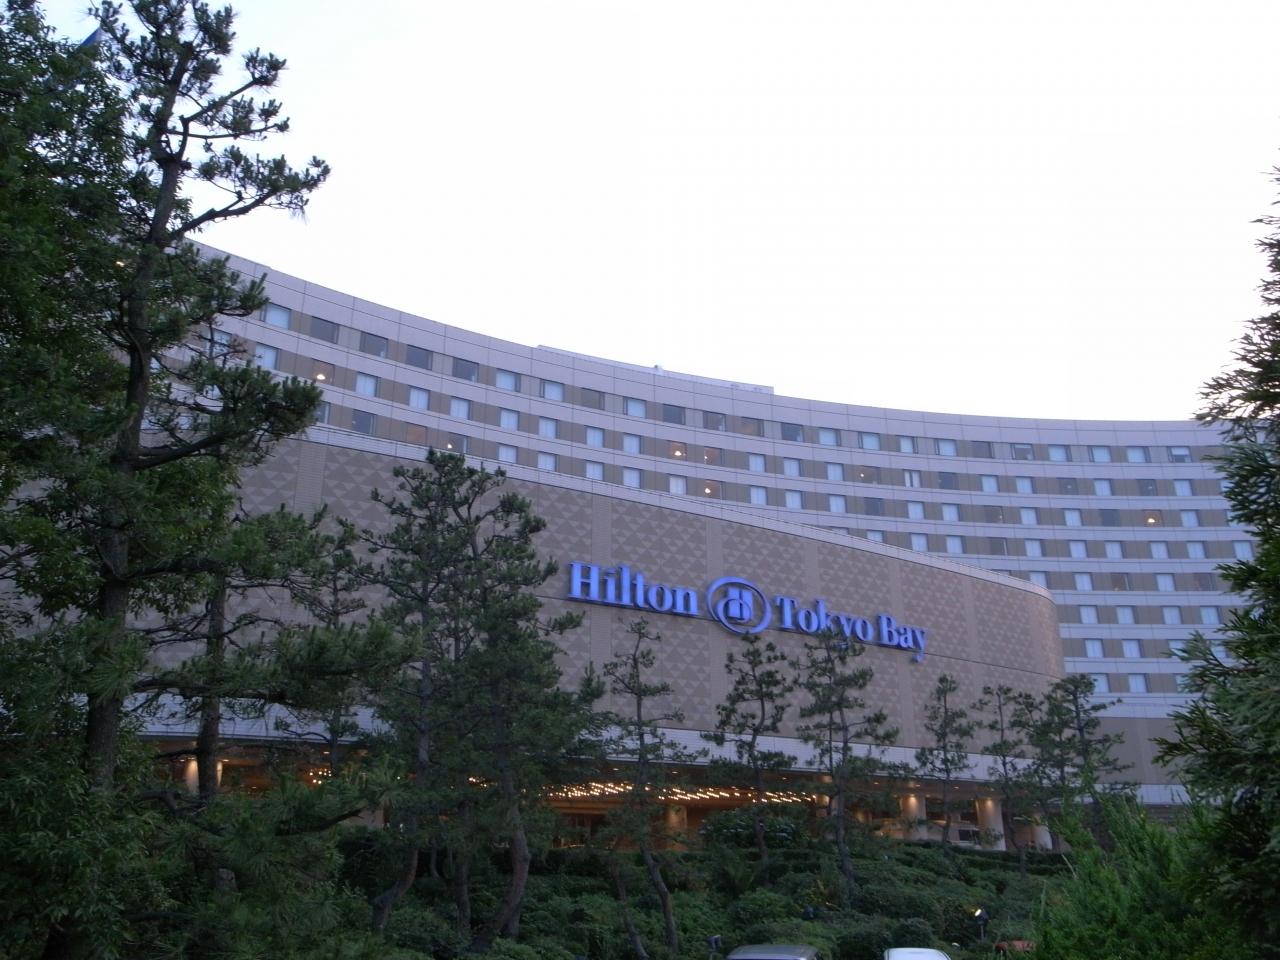 ヒルトン東京ベイで一泊』東京ディズニーリゾート(千葉県)の旅行記